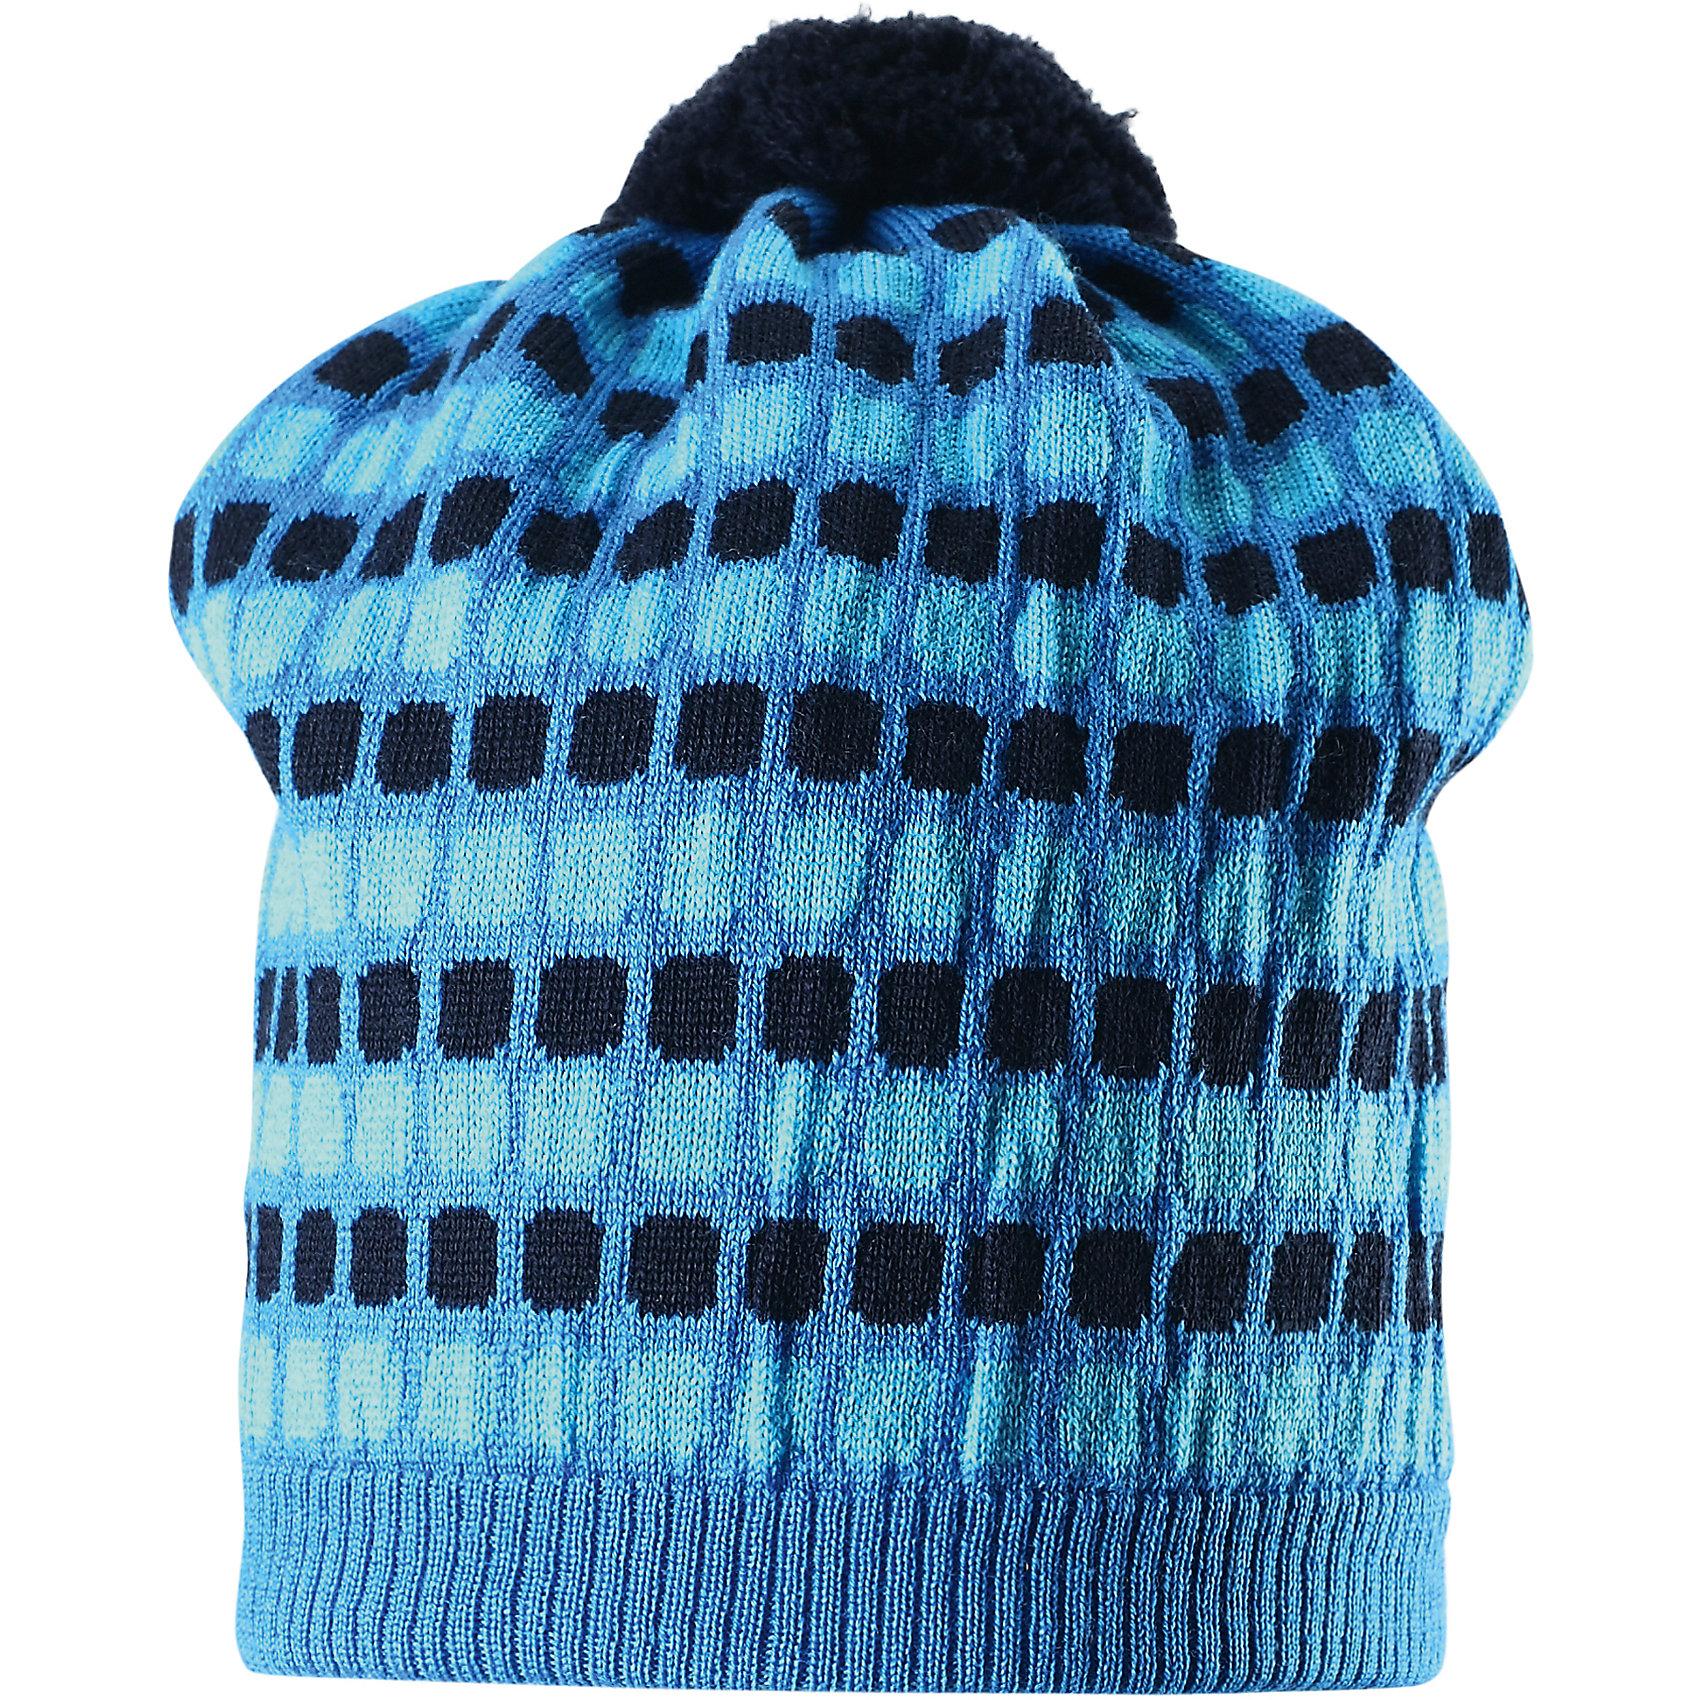 Шапка Silmukka для мальчика ReimaШапки и шарфы<br>Шапка для мальчика Reima<br>Шапка «Бини» для детей. Мягкая ткань из мериносовой шерсти для поддержания идеальной температуры тела. Мягкий, теплый и приятный на ощупь трикотаж. Товар сертифицирован Oeko-Tex, класс 2, нательное белье. Ветронепроницаемые вставки в области ушей. Сплошная подкладка: хлопчатобумажная ткань. Жаккардовый вязаный узор по всей поверхности. Веселые цветовые сочетания. Помпон сверху. Светоотражающий элемент сбоку.<br>Уход:<br>Стирать по отдельности, вывернув наизнанку. Придать первоначальную форму вo влажном виде. Возможна усадка 5 %.<br>Состав:<br>100% Шерсть<br><br>Ширина мм: 89<br>Глубина мм: 117<br>Высота мм: 44<br>Вес г: 155<br>Цвет: голубой<br>Возраст от месяцев: 48<br>Возраст до месяцев: 84<br>Пол: Мужской<br>Возраст: Детский<br>Размер: 54,50,52,56<br>SKU: 4777602